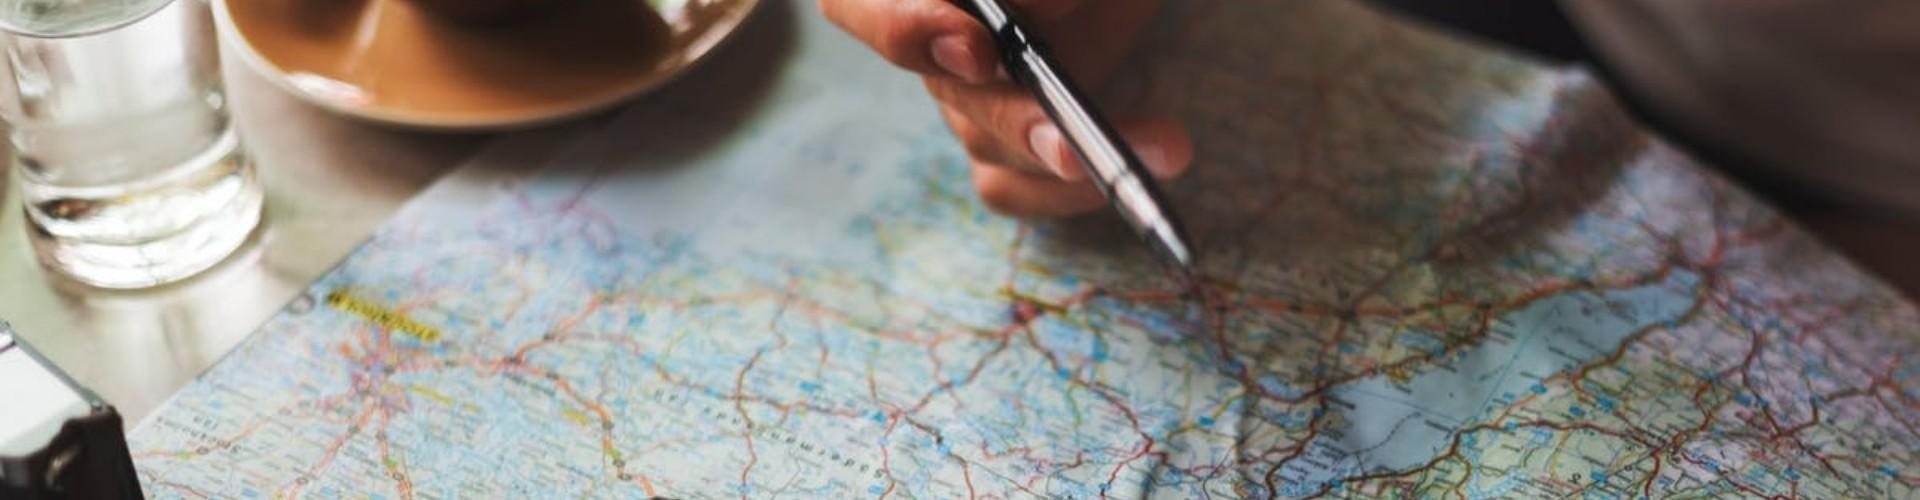 Praca w biurze podróży - zarobki, wymagania. Gdzie szukać ofert?